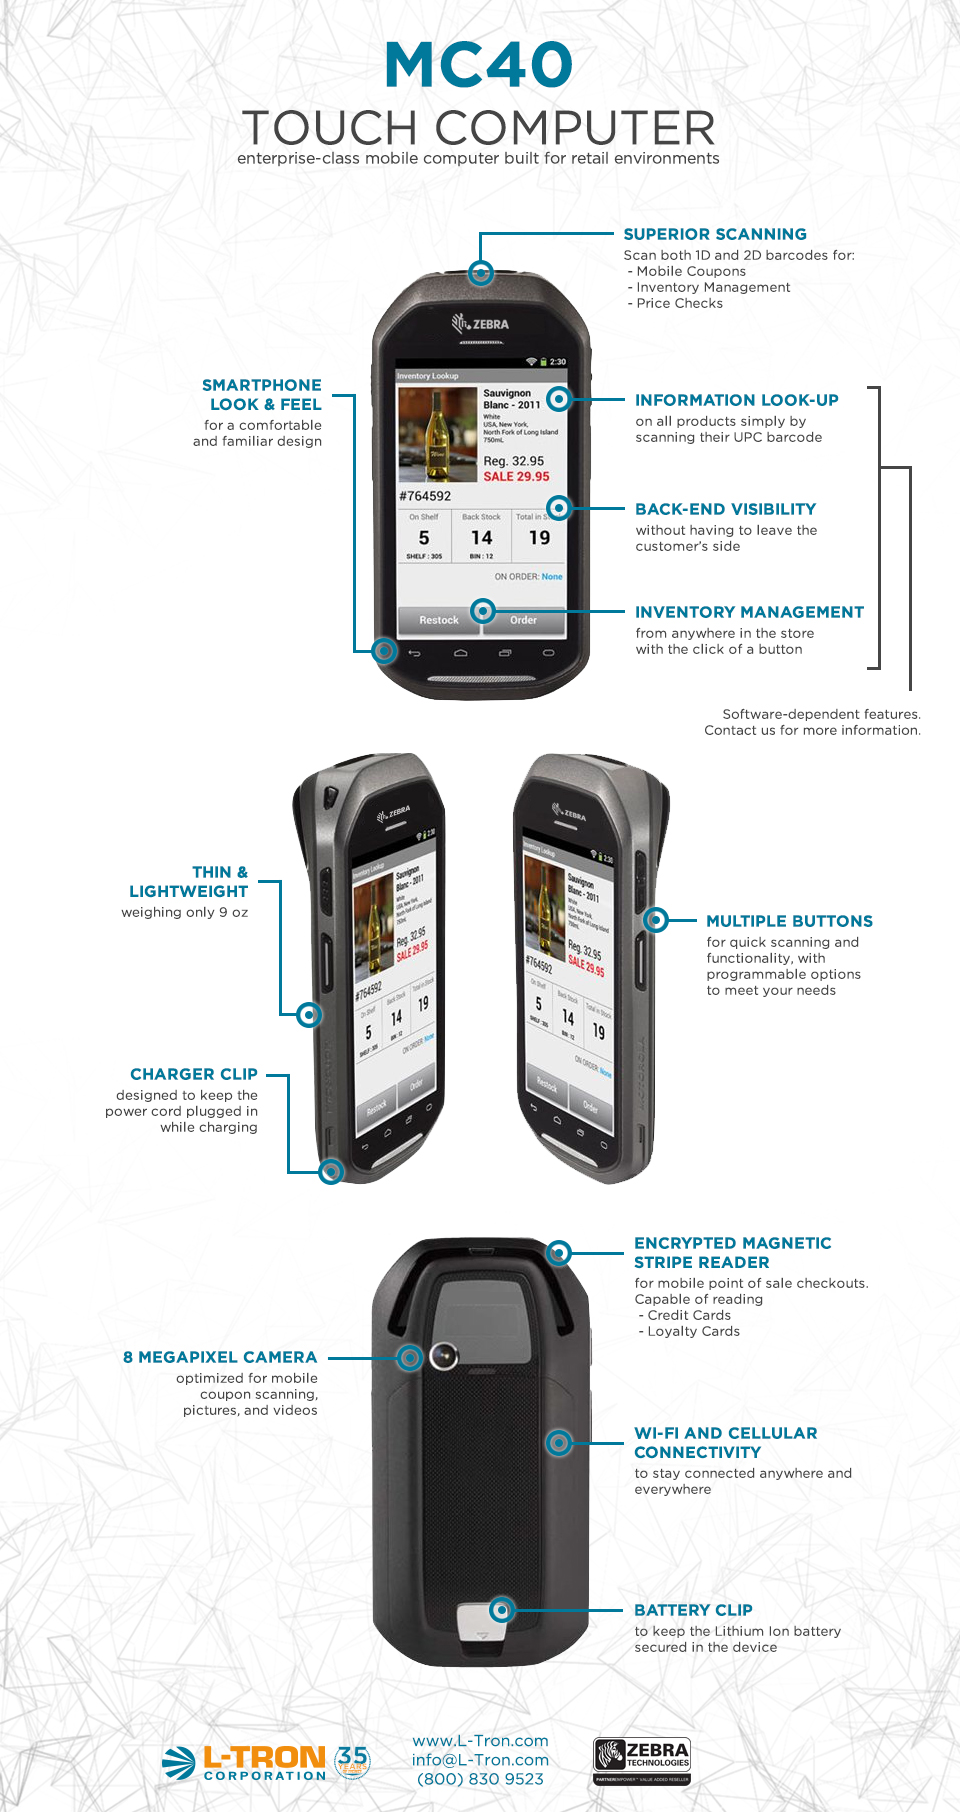 MC40-Benefits-infographic